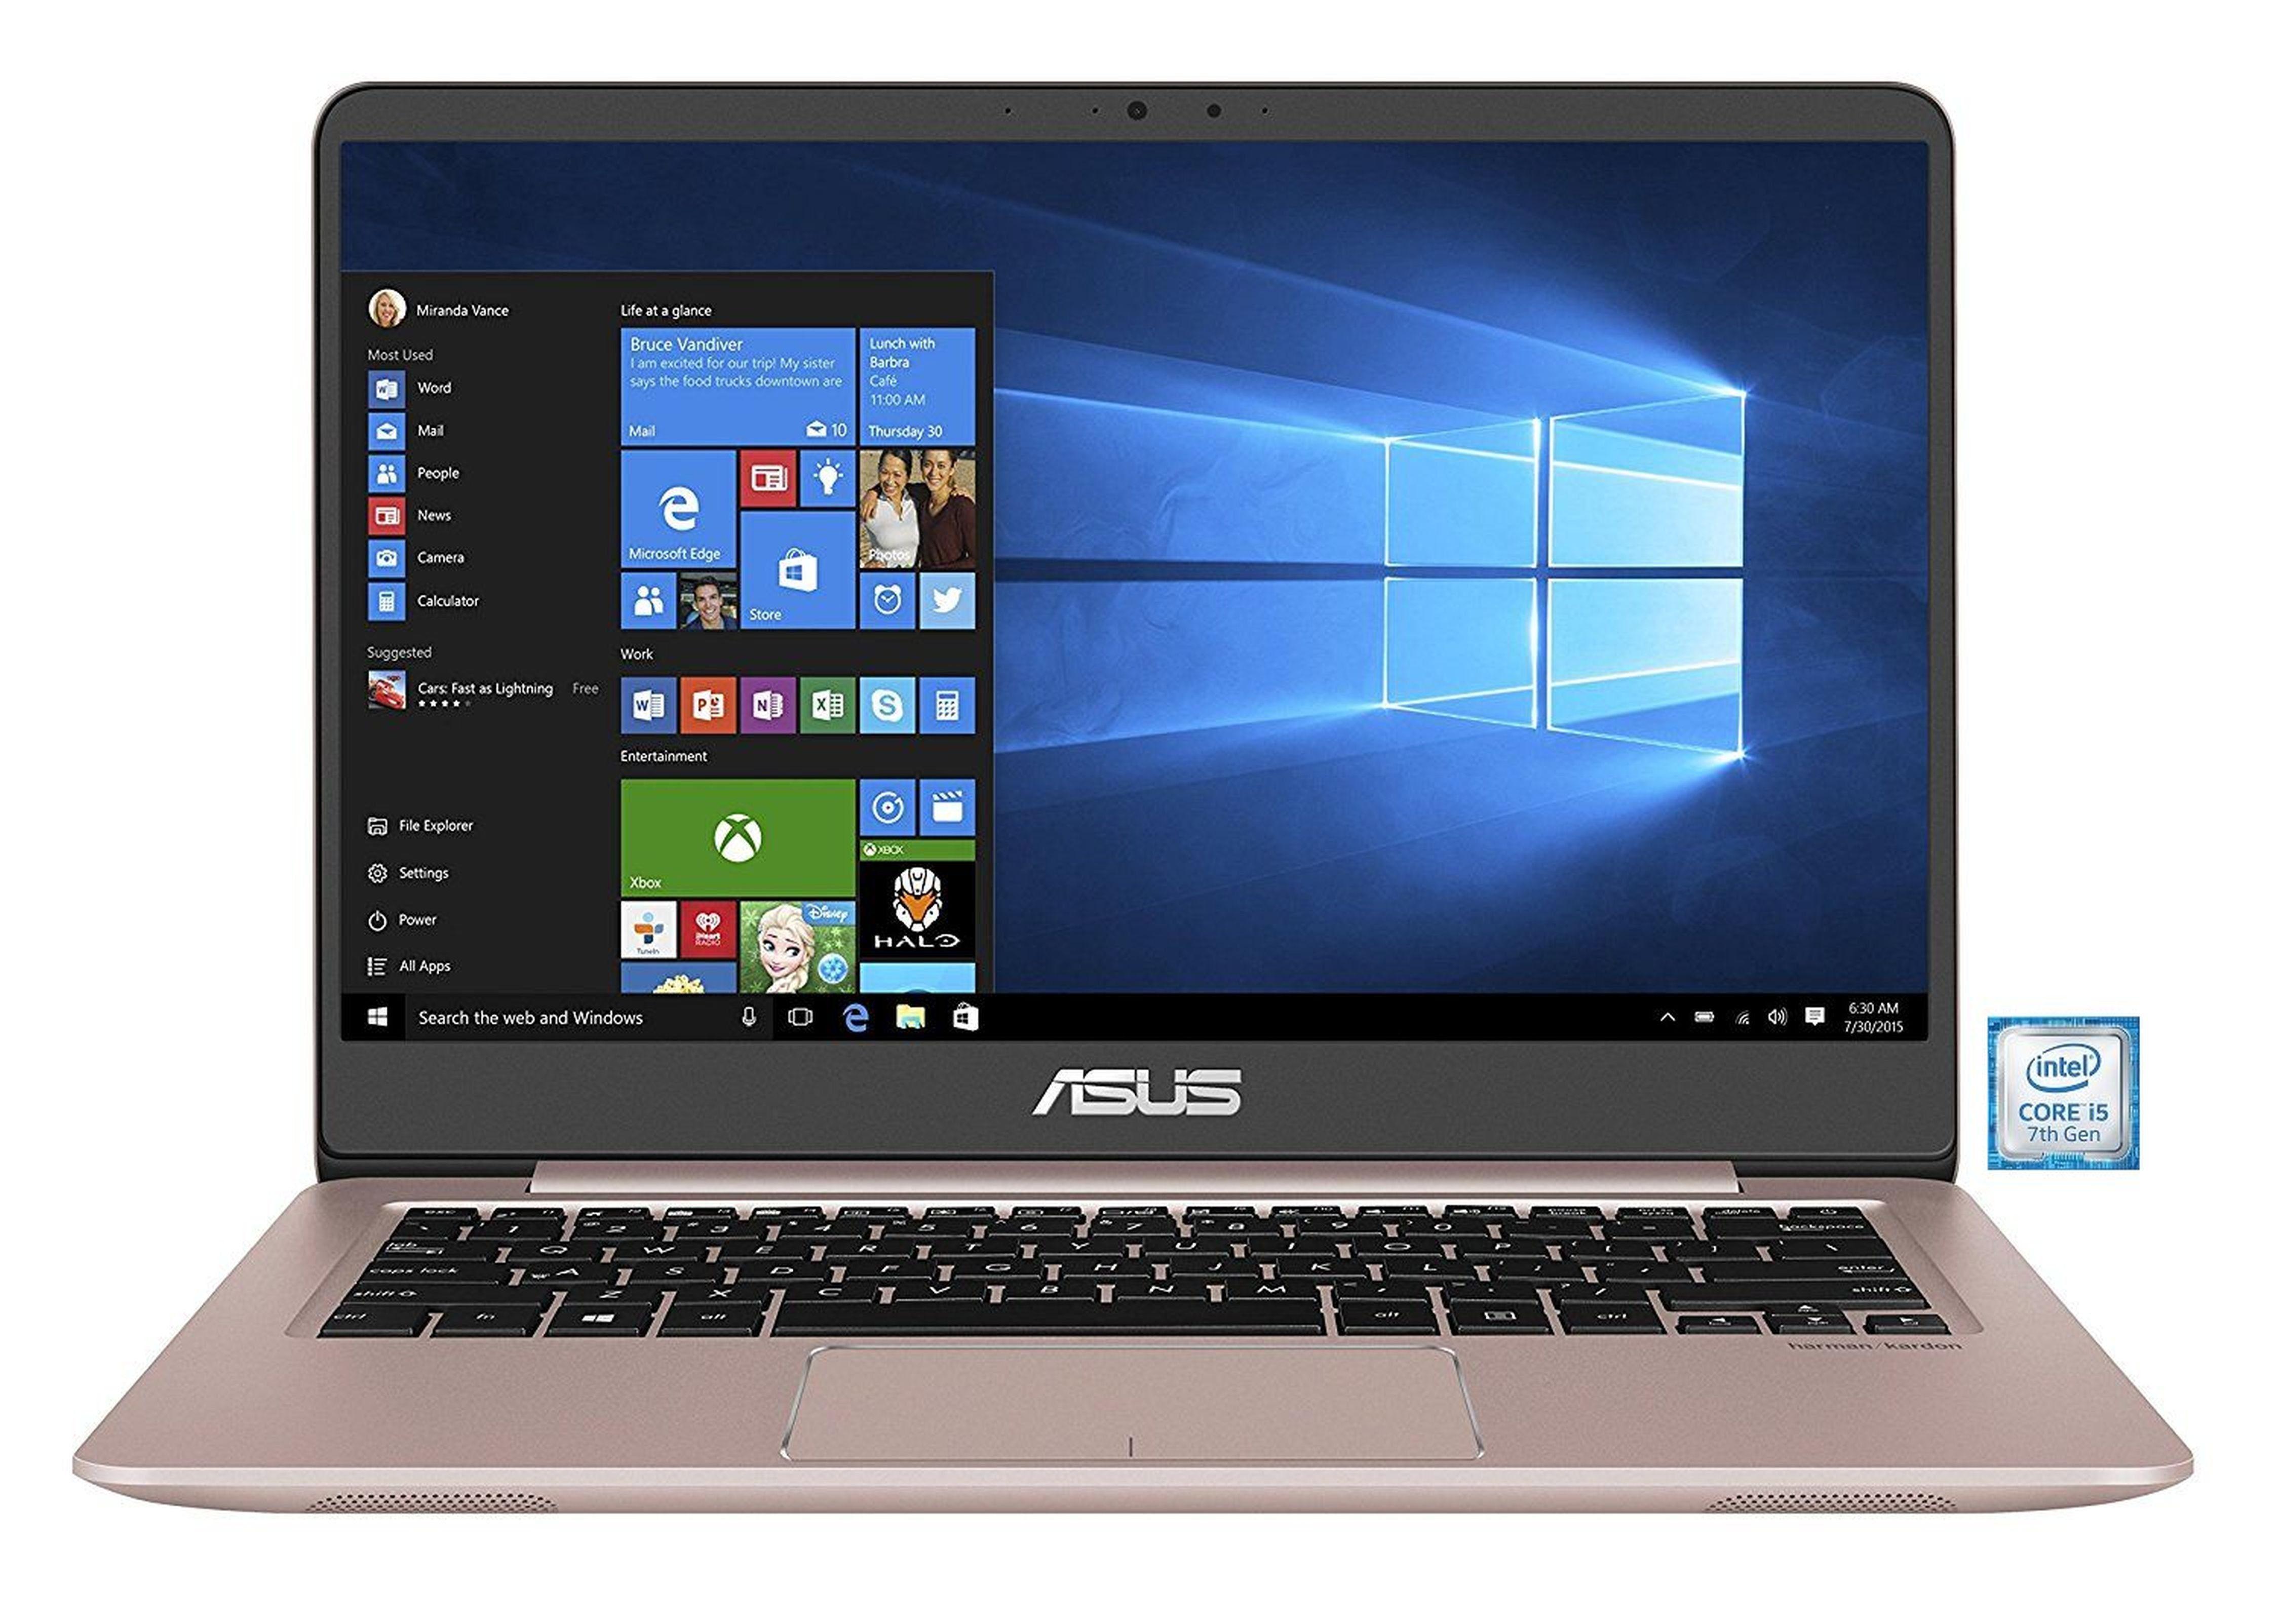 """ASUS ZenBook UX3410UA-GV643T Notebook »Intel Core i5, 35,56 cm(14"""")256 GB SSD+1 TB, 8 GB«"""